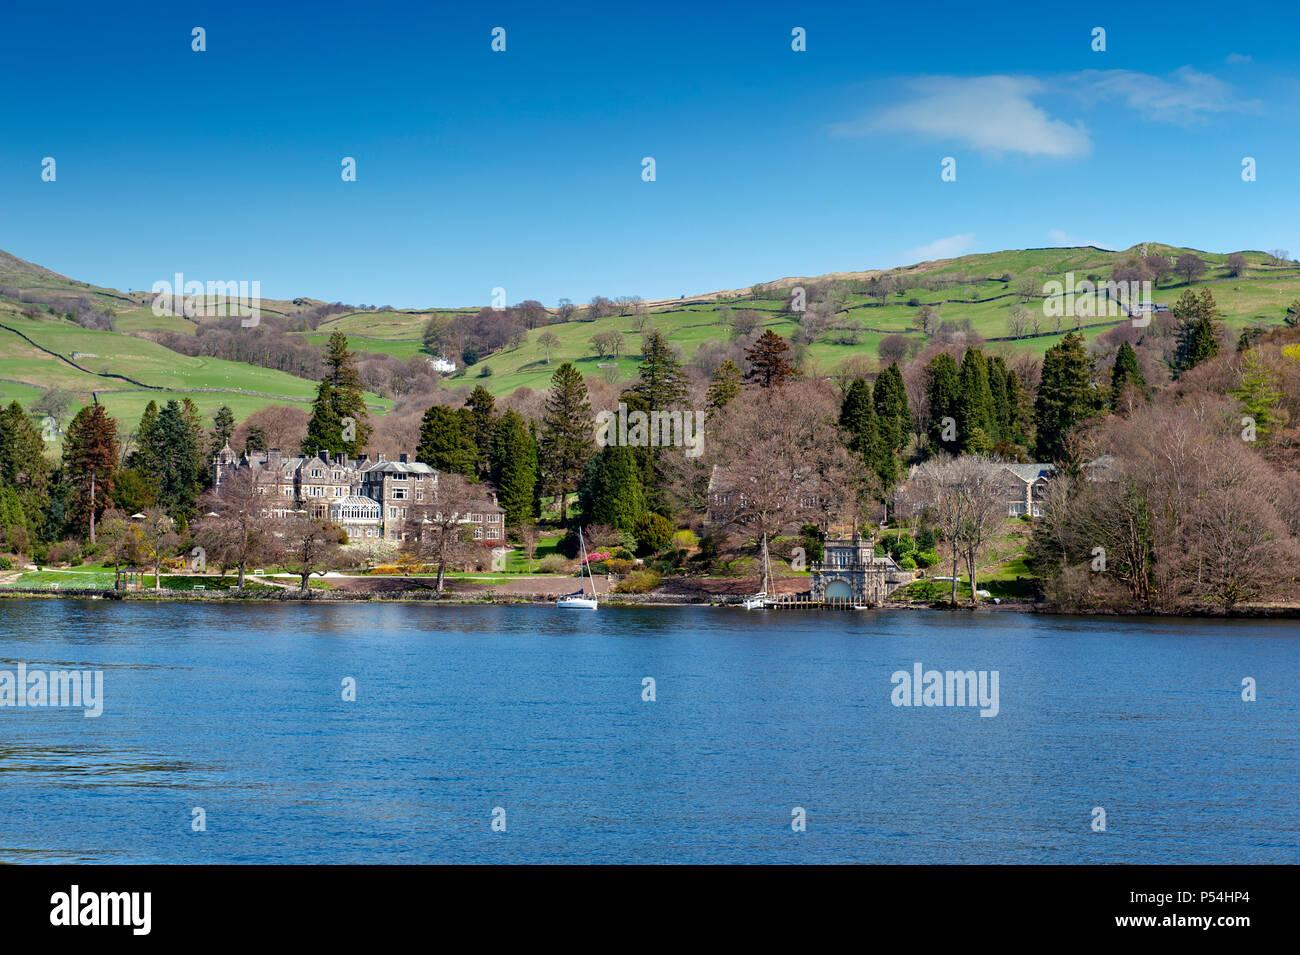 Au bord du lac magnifique village situé sur la rive du lac Windermere dans le pittoresque parc National de Lake District, South Lakeland, North West England, UK Photo Stock